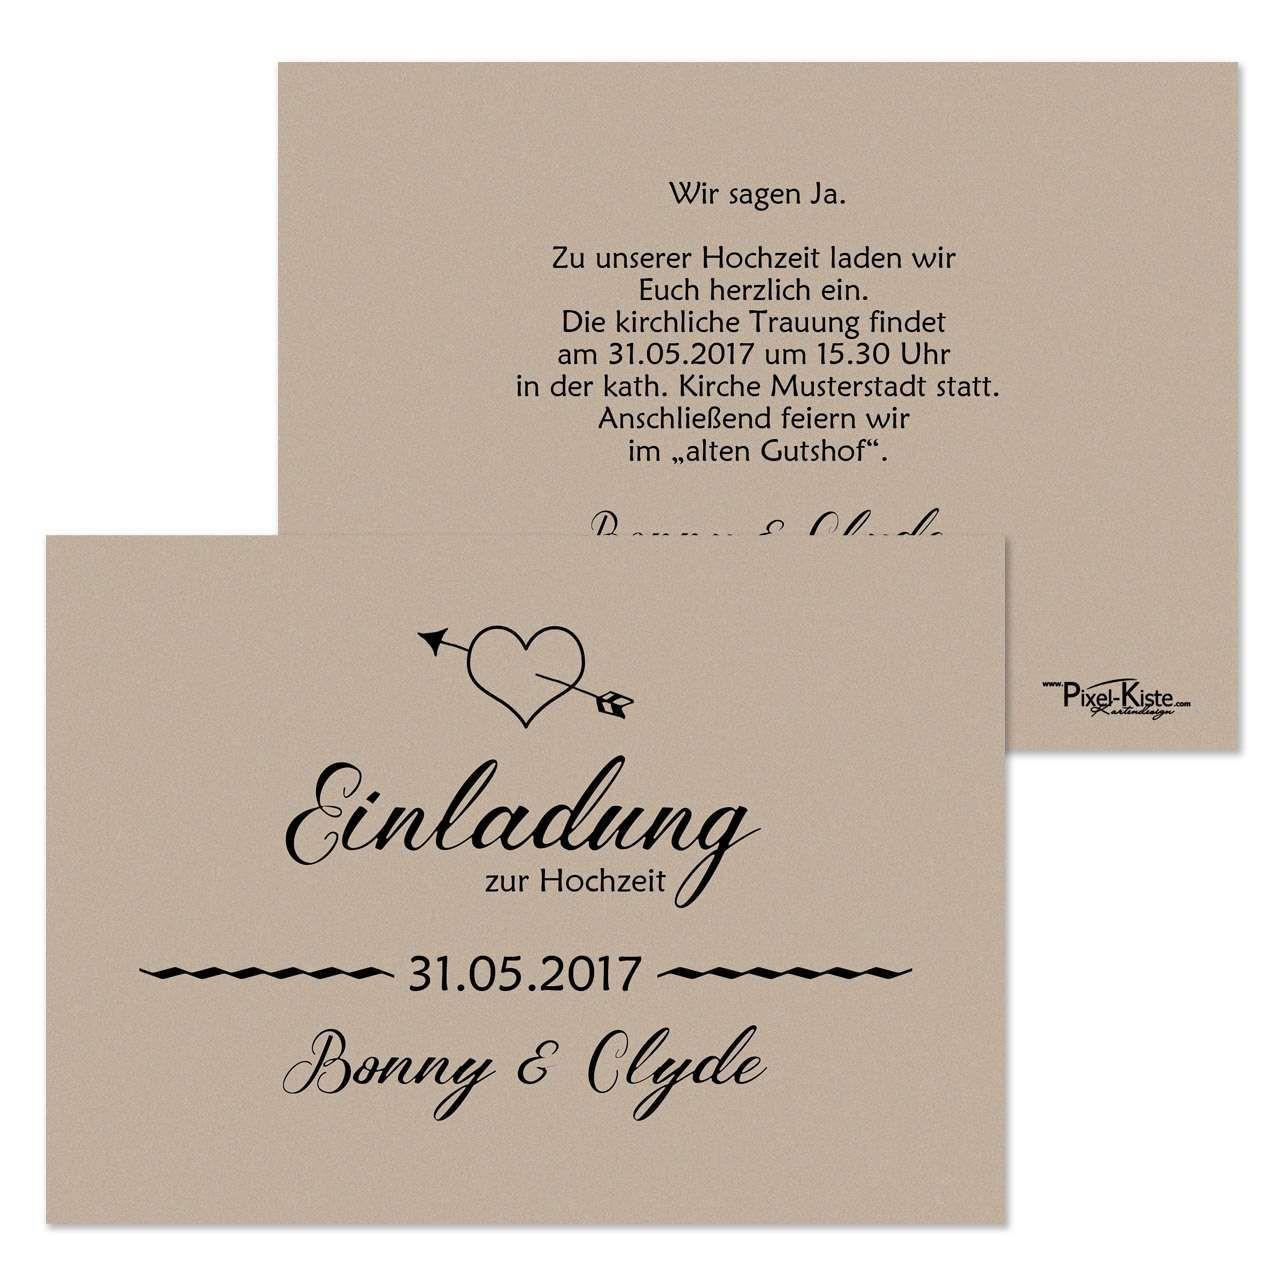 Hochzeit Einladungskarten Text  Einladungskarten Geburtstag Selbst Gestalten Kostenlos